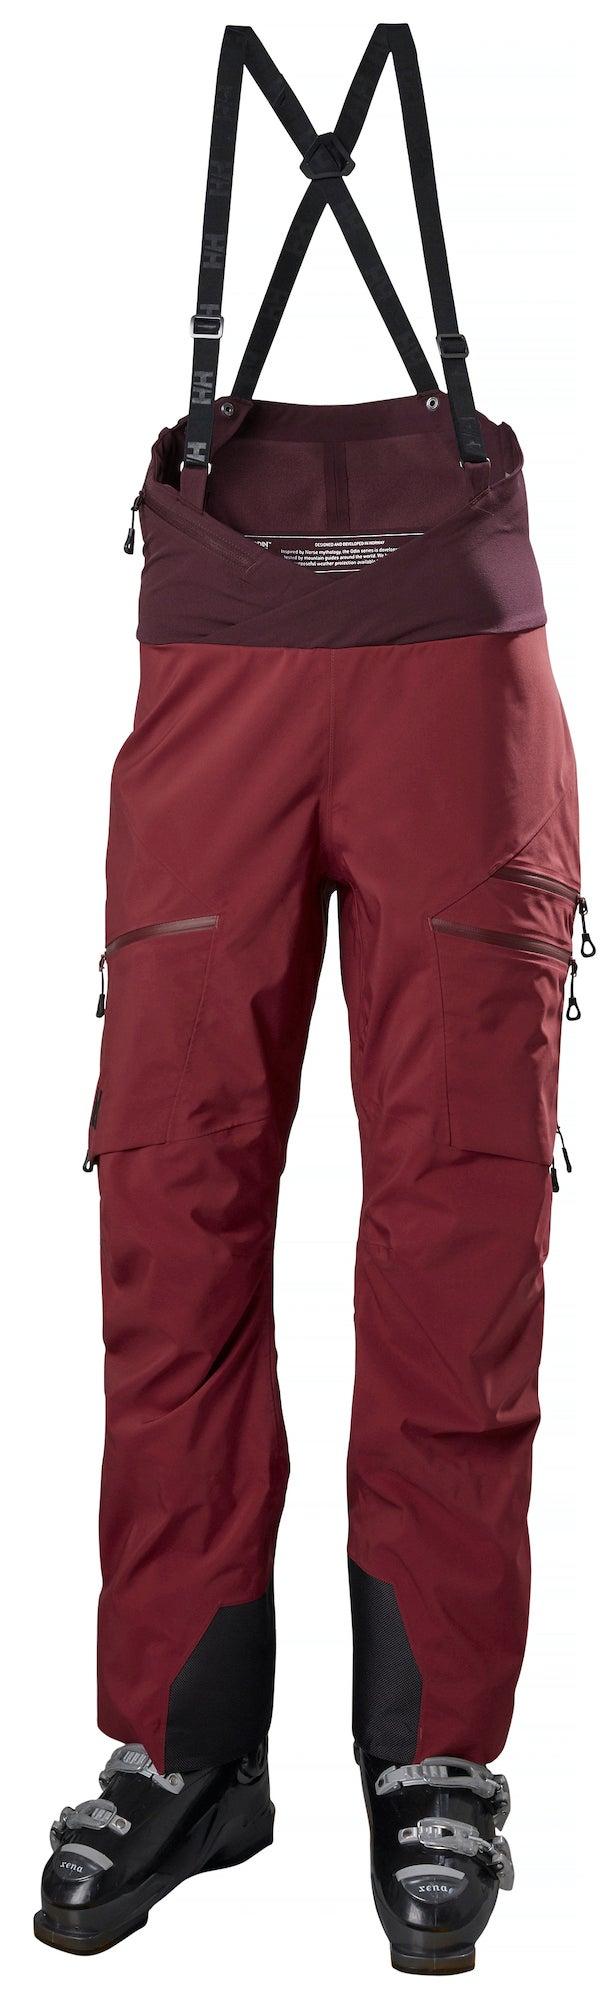 Women's Helly Hansen Odin Mountain 3L Shell Bib Ski Pant